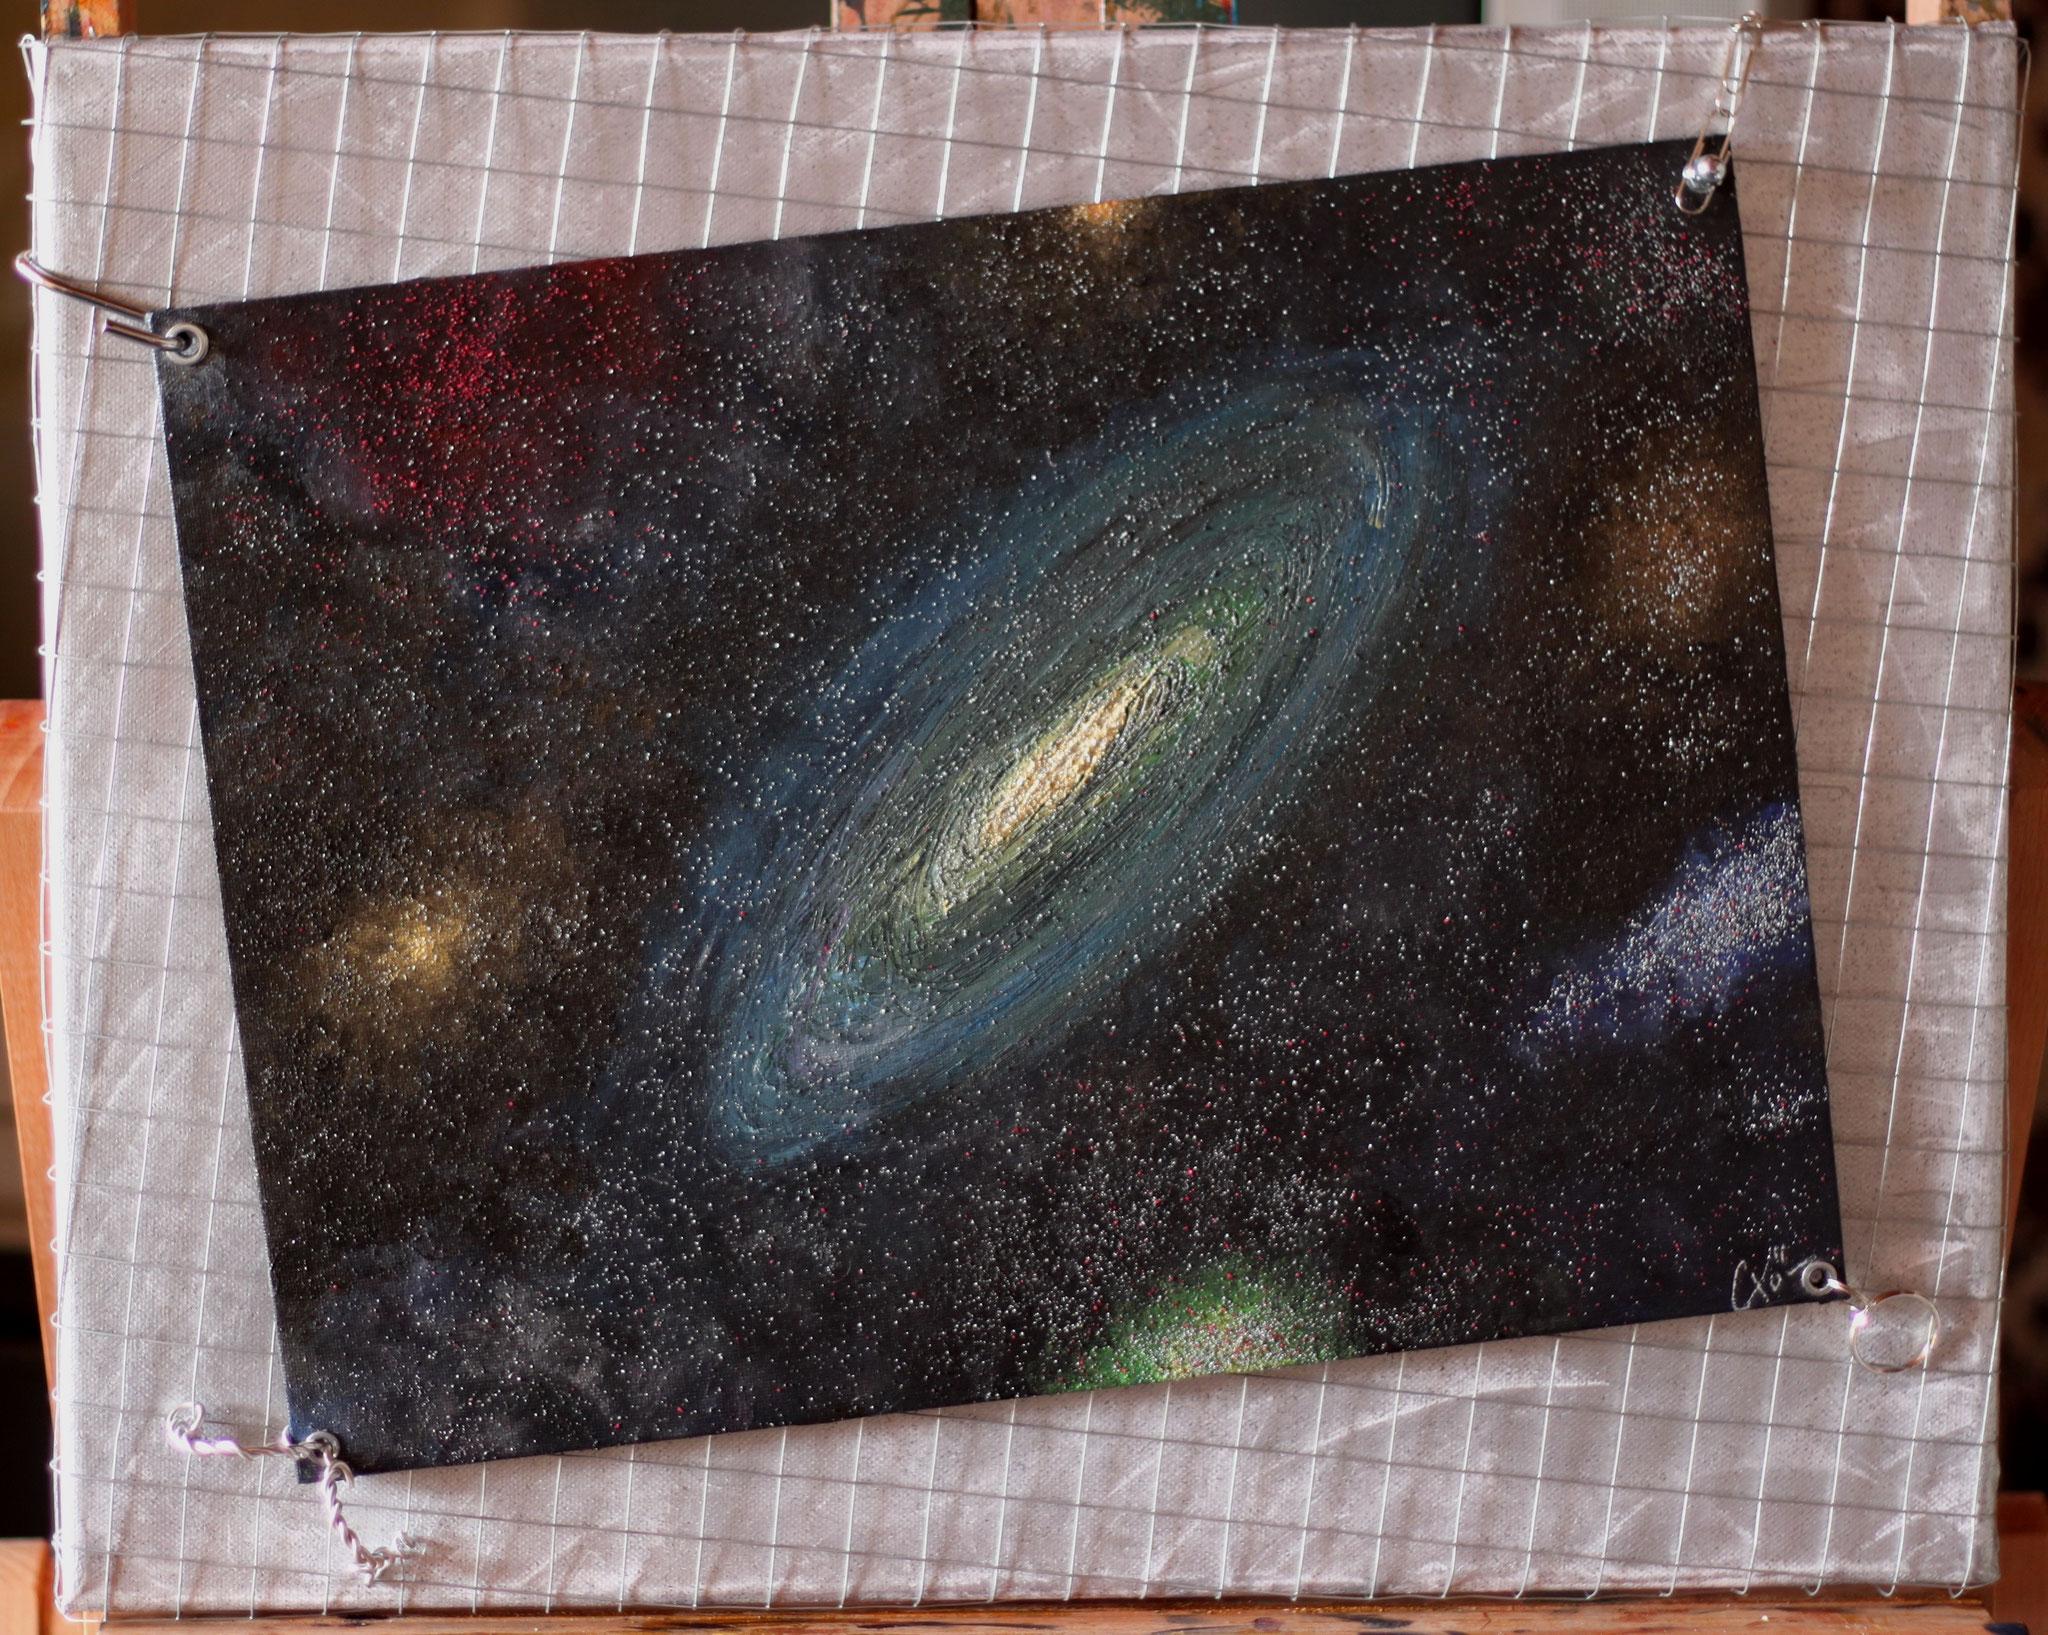 Précarité cosmique - 40 x 50 cm